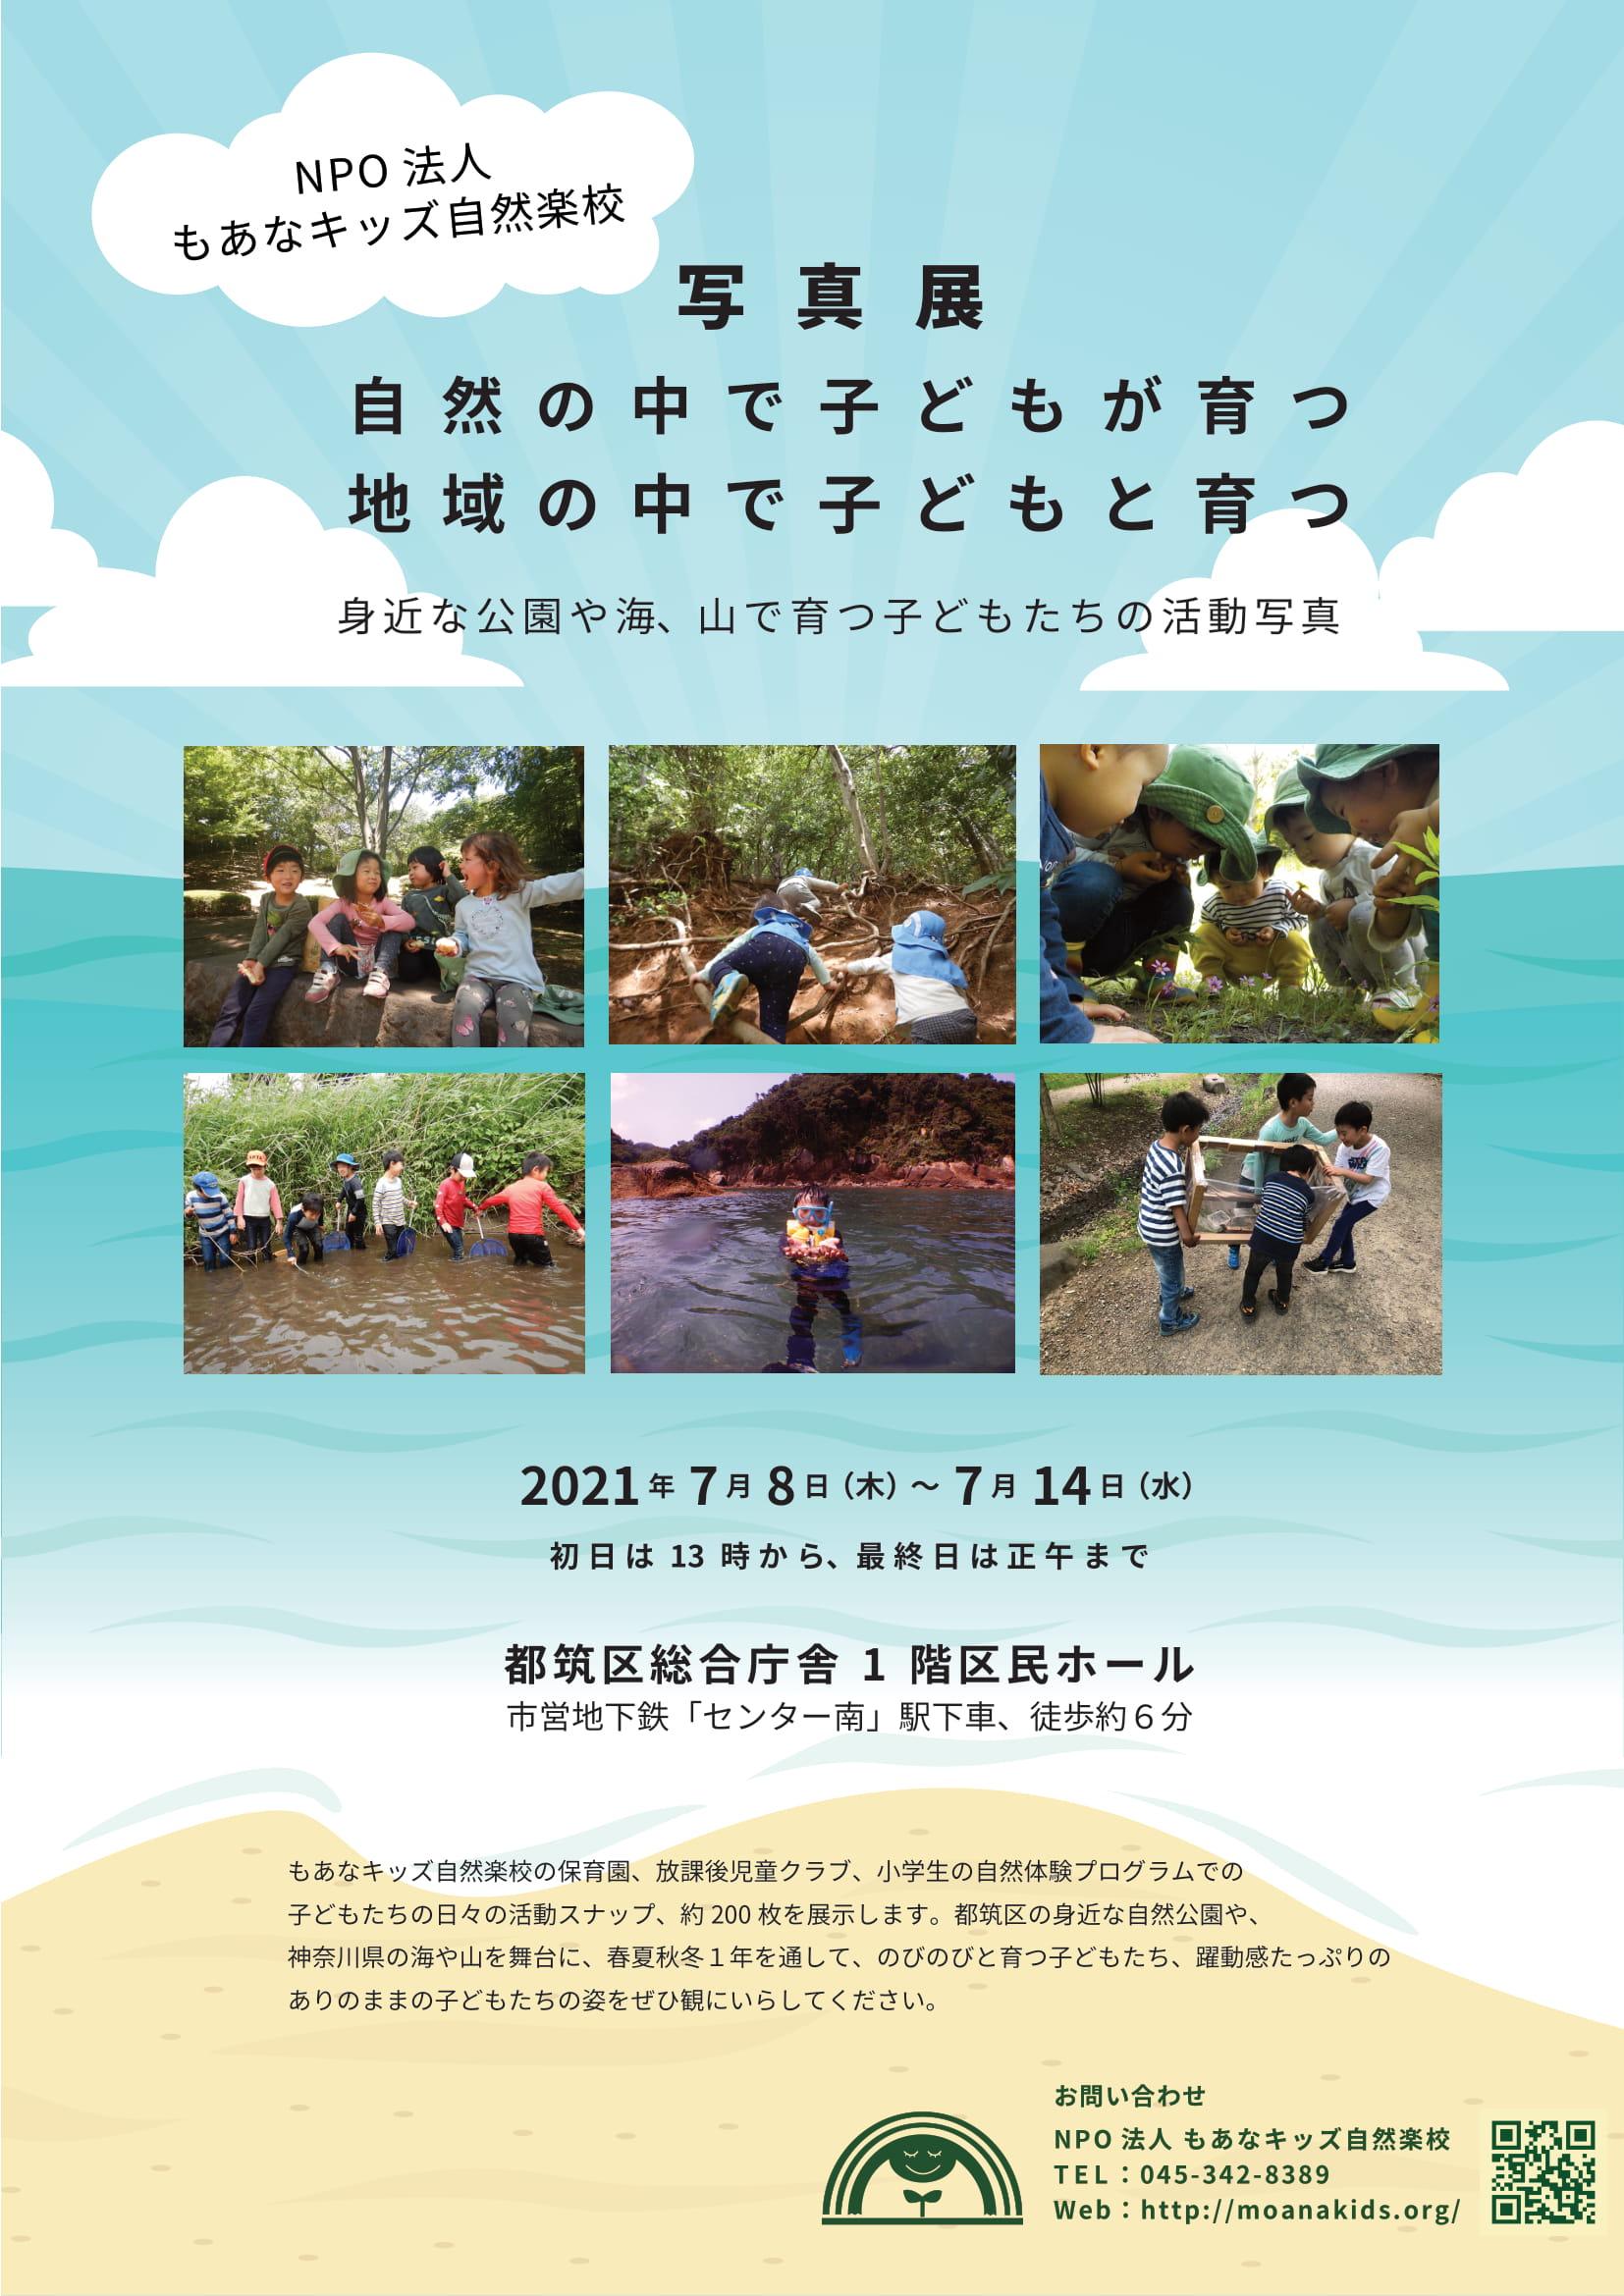 【横浜エリア】7/8(木)~7/14(水) もあなキッズ自然楽校 活動写真展を開催します